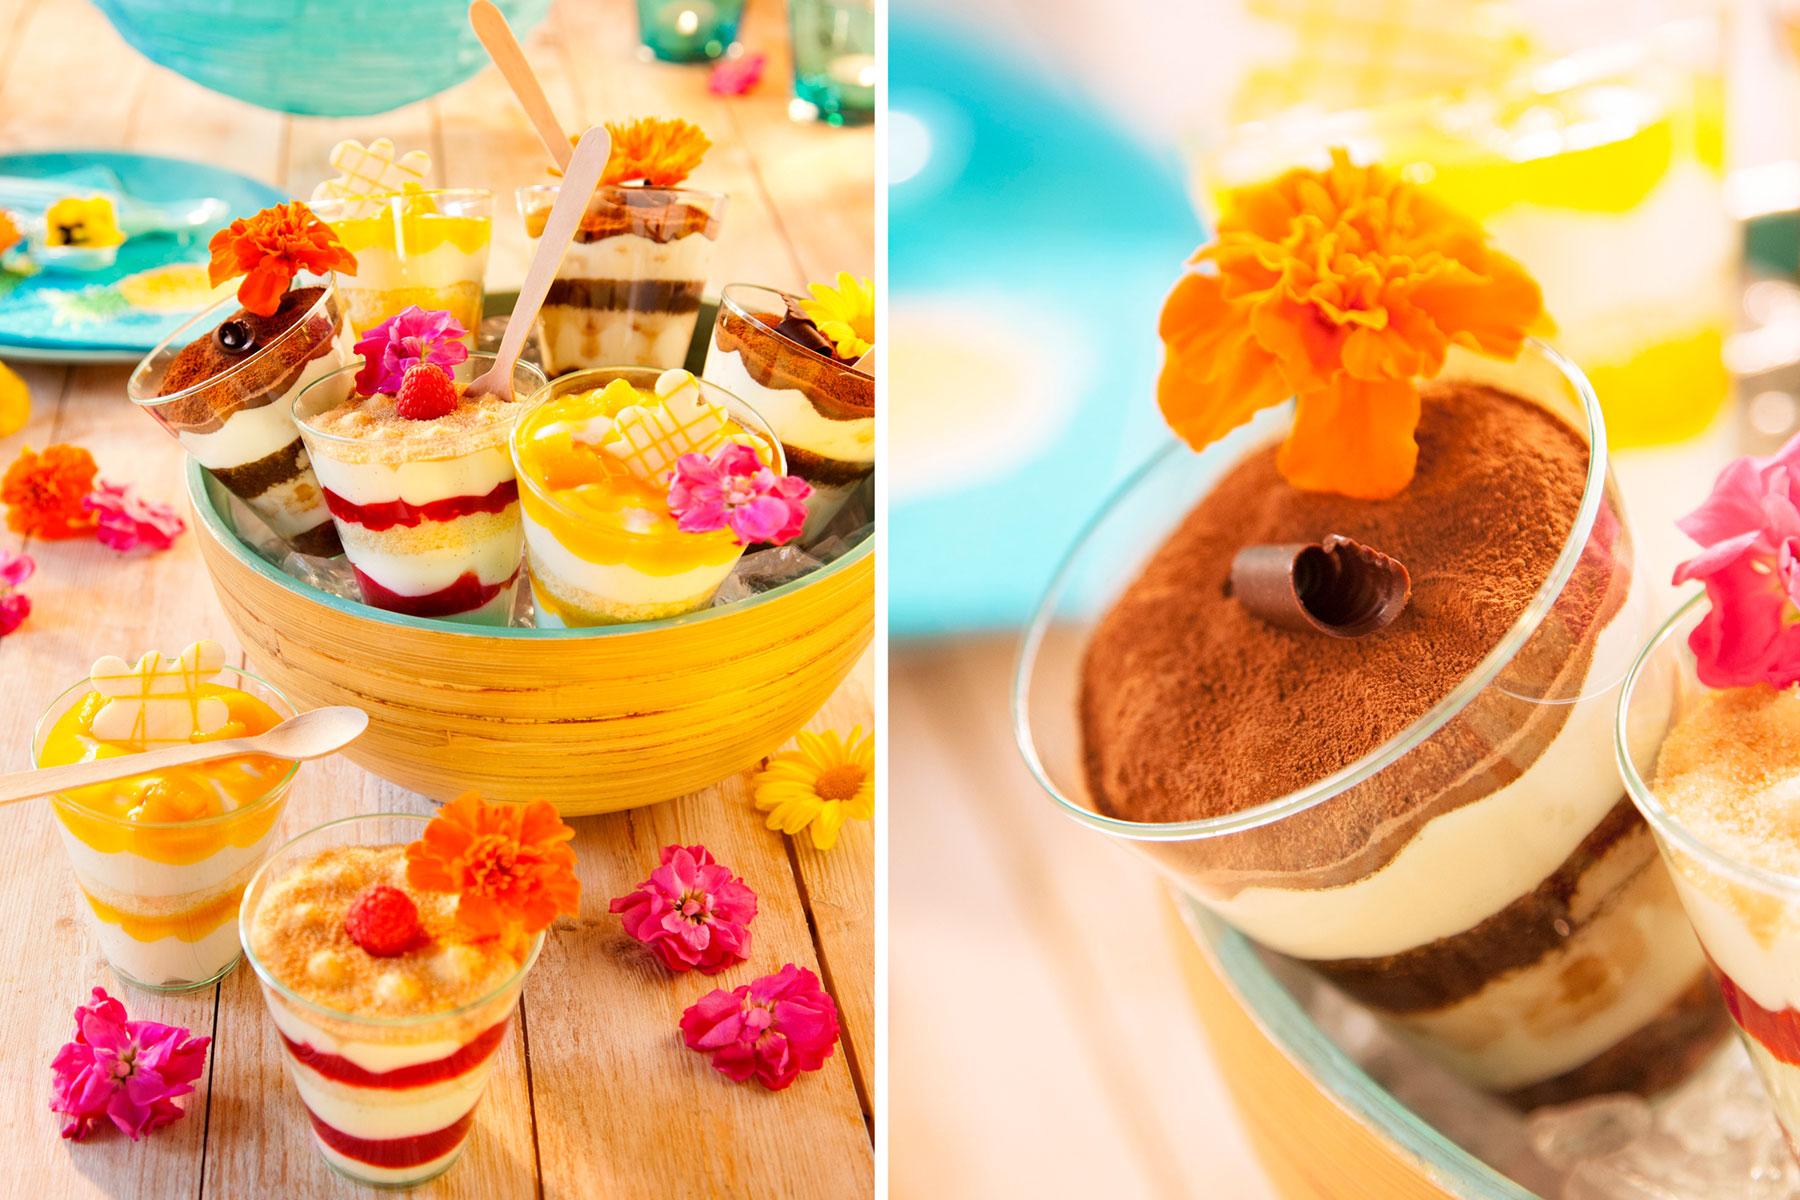 Desserts im Glas Rezept und Idee mit Blumen selbst dekoriert